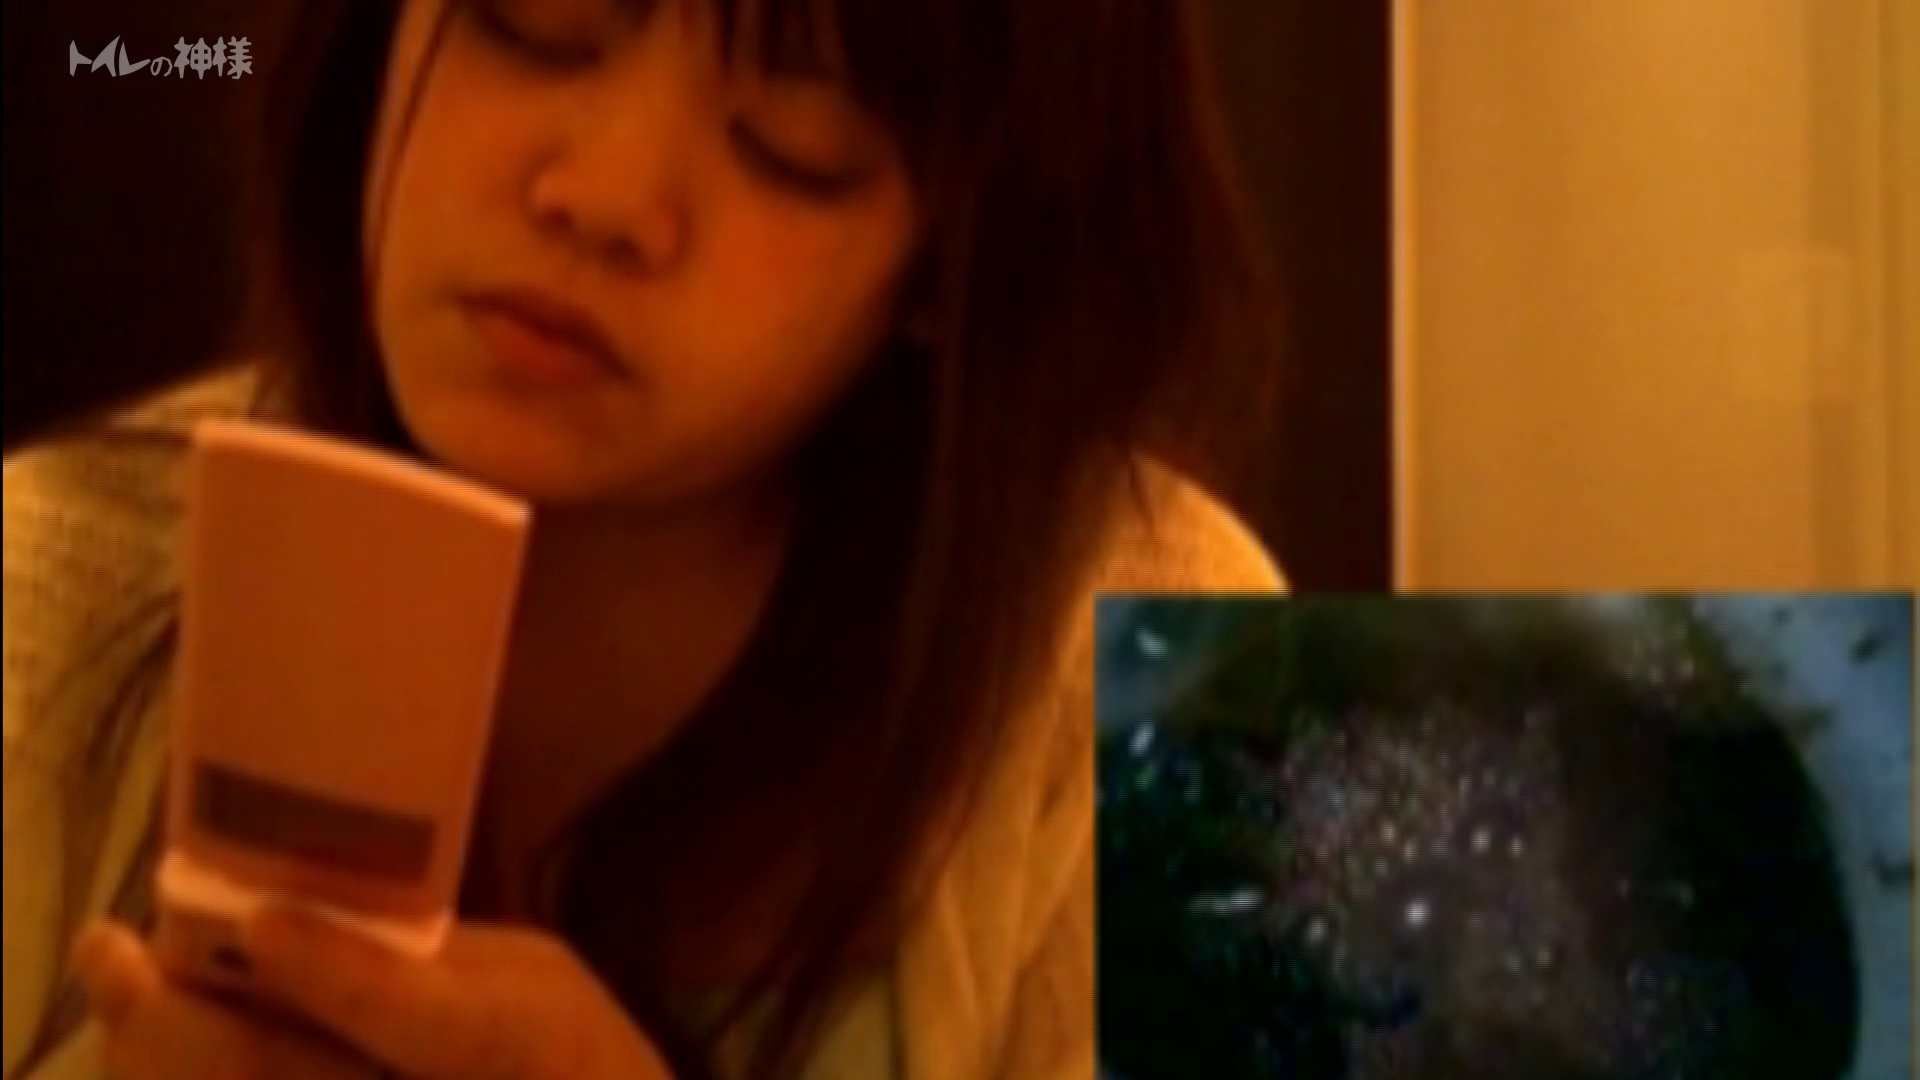 トイレの神様 Vol.03 彼女のうんち隠し撮り OLのボディ | トイレの実態  81PIX 31